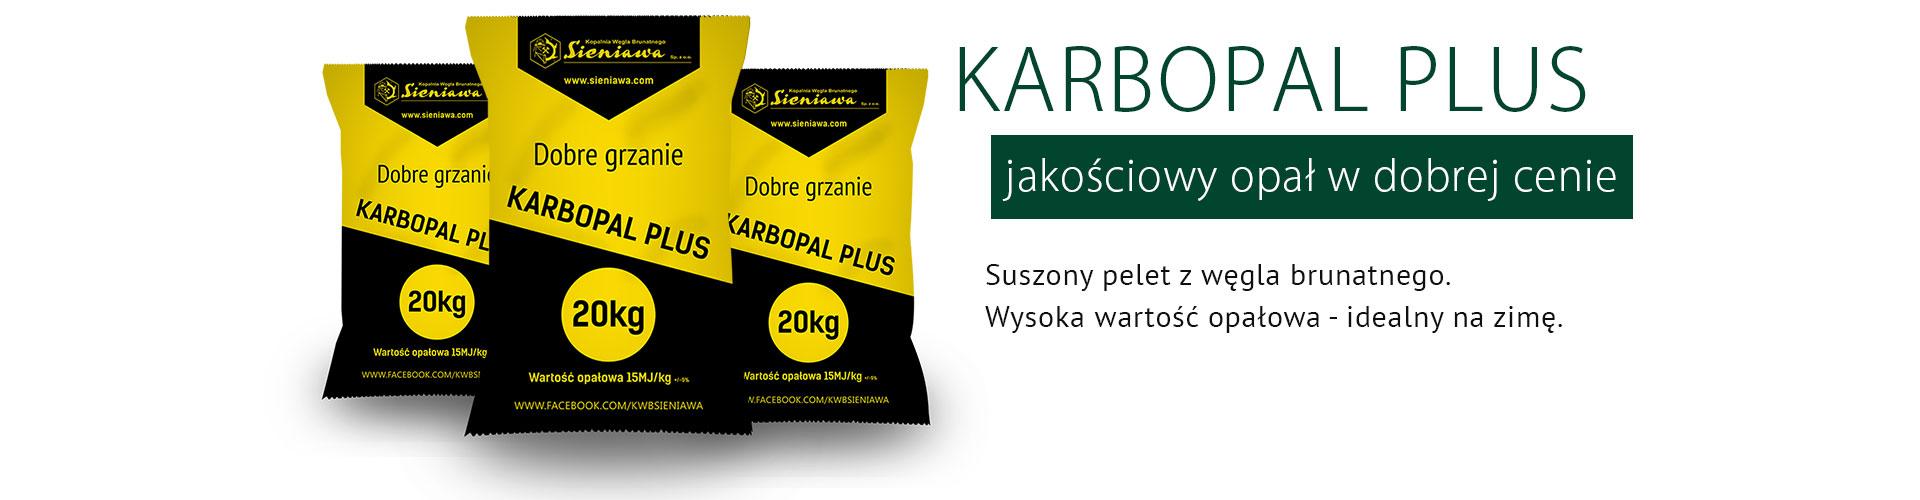 Karbopal Plus KWB Sieniawa